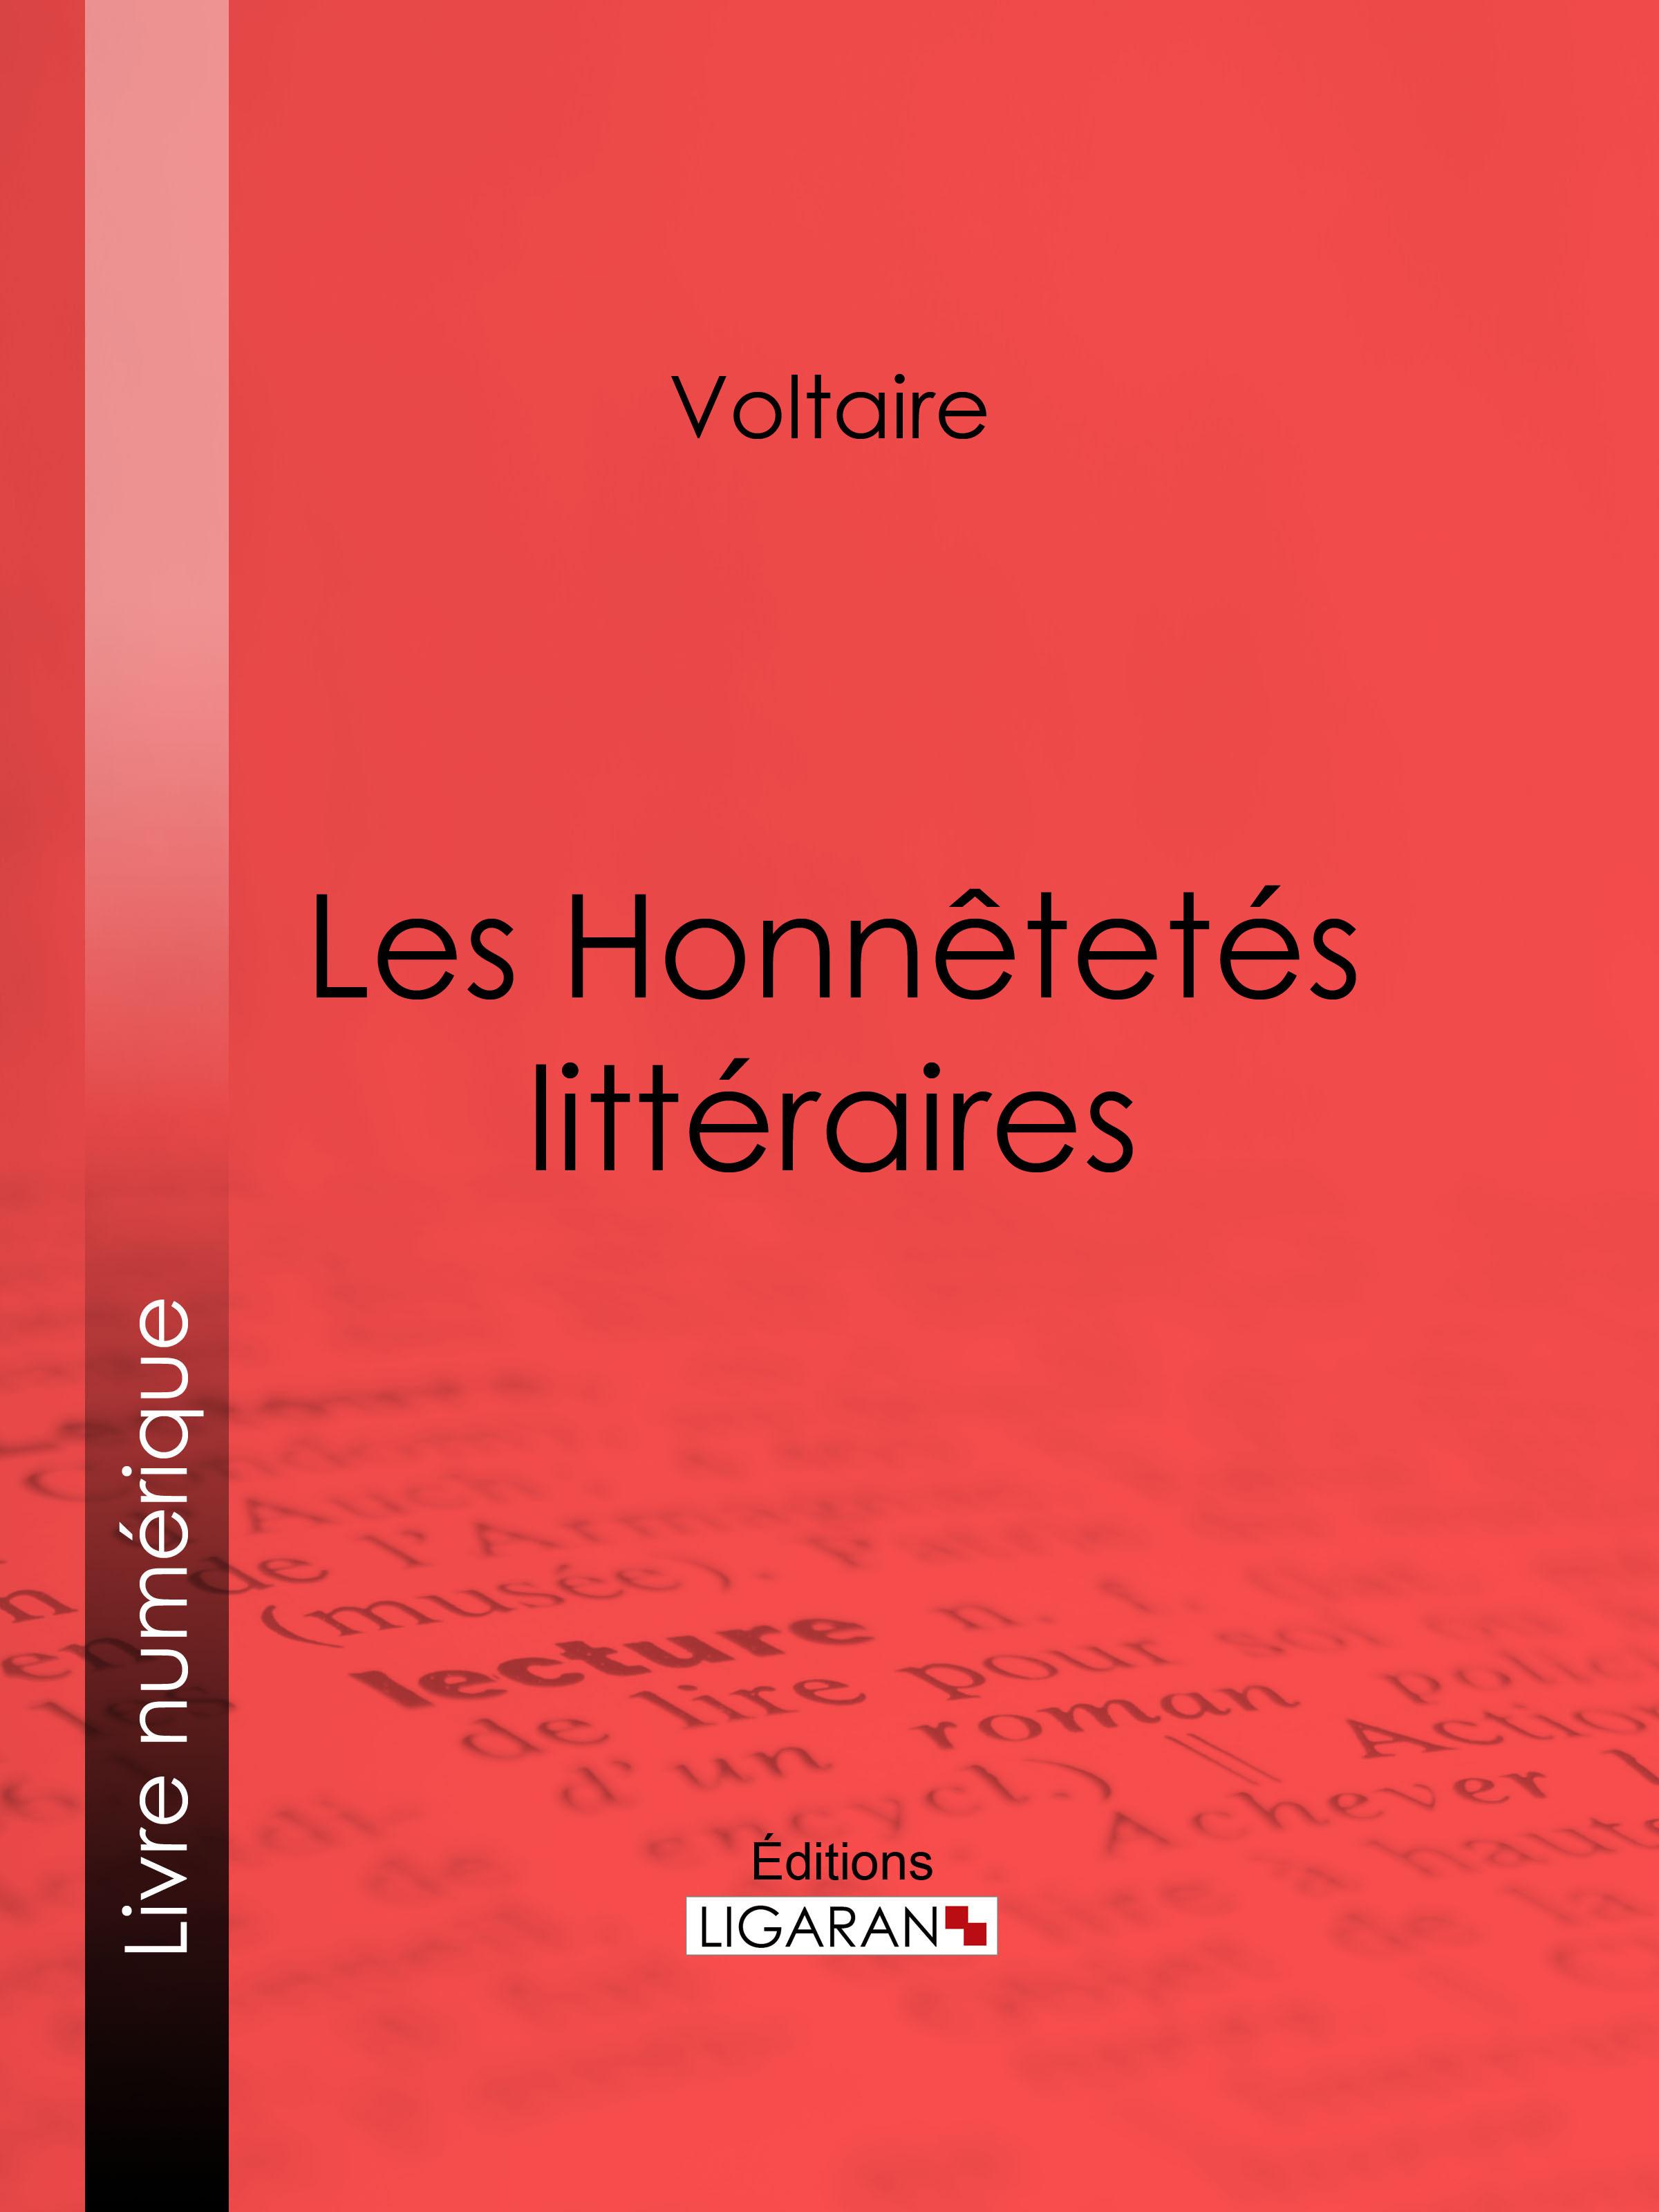 Les Honnêtetés littéraires